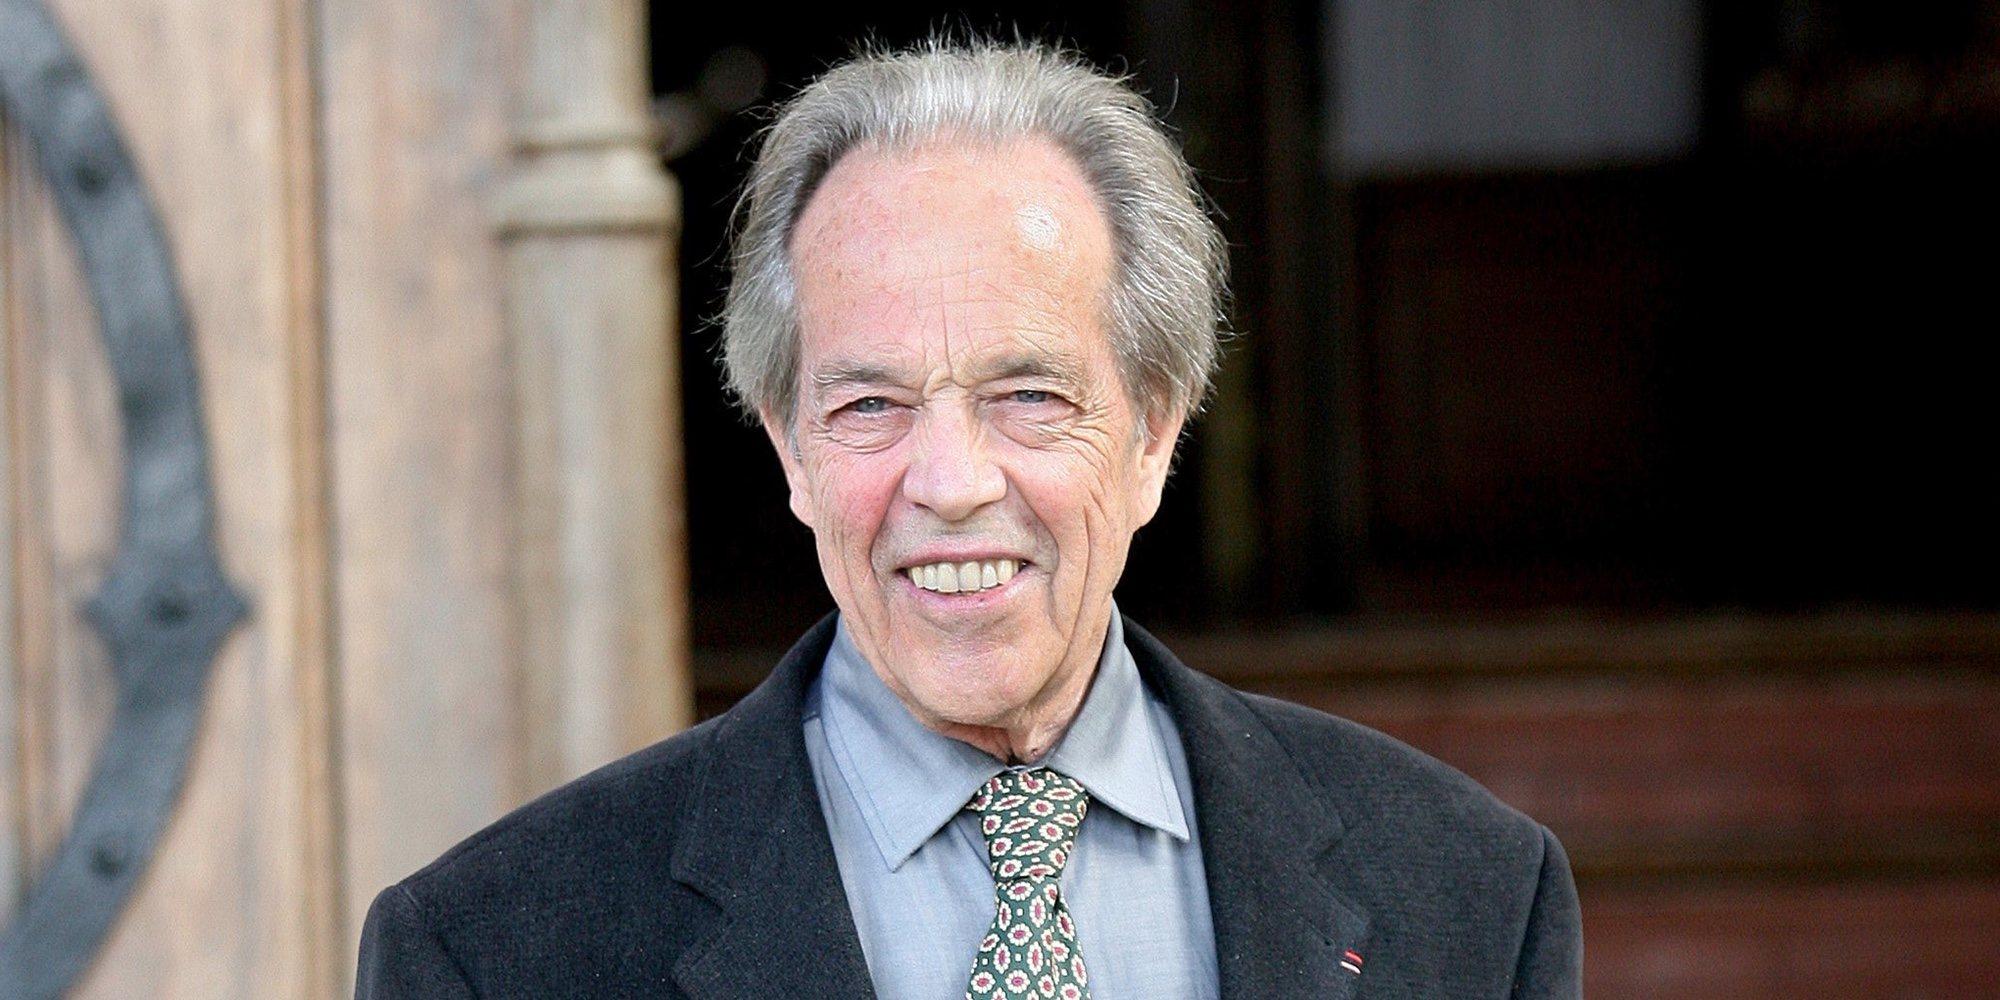 Muere a los 85 años el Príncipe Enrique de Orleans, pretendiente al trono de Francia